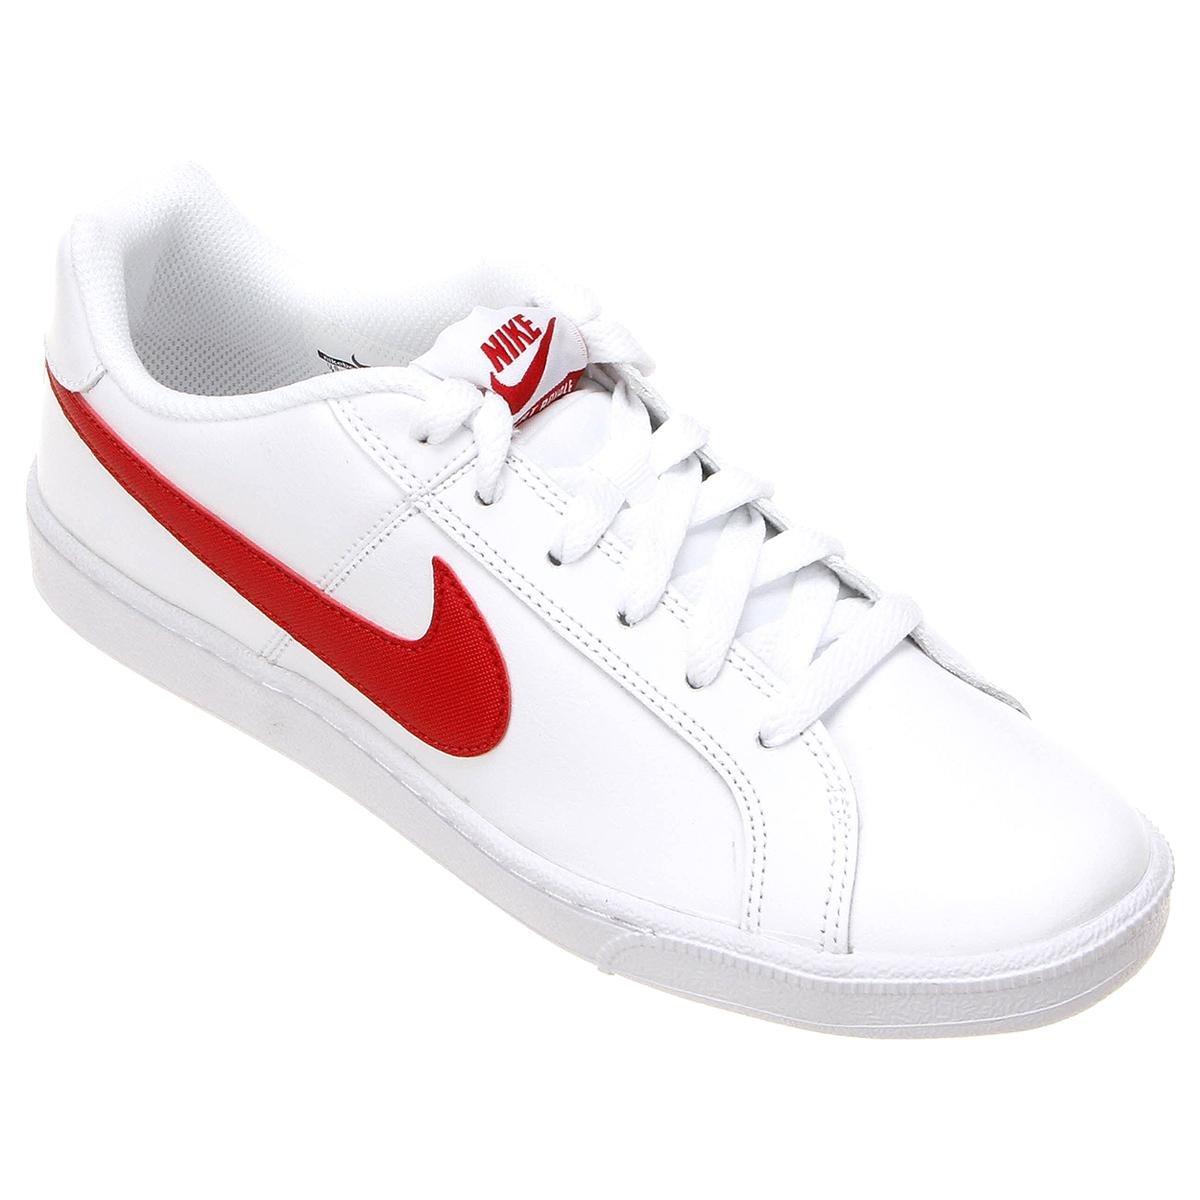 b2cf7d677a Tênis Couro Nike Court Royale Masculino - Branco e Vermelho - Compre ...